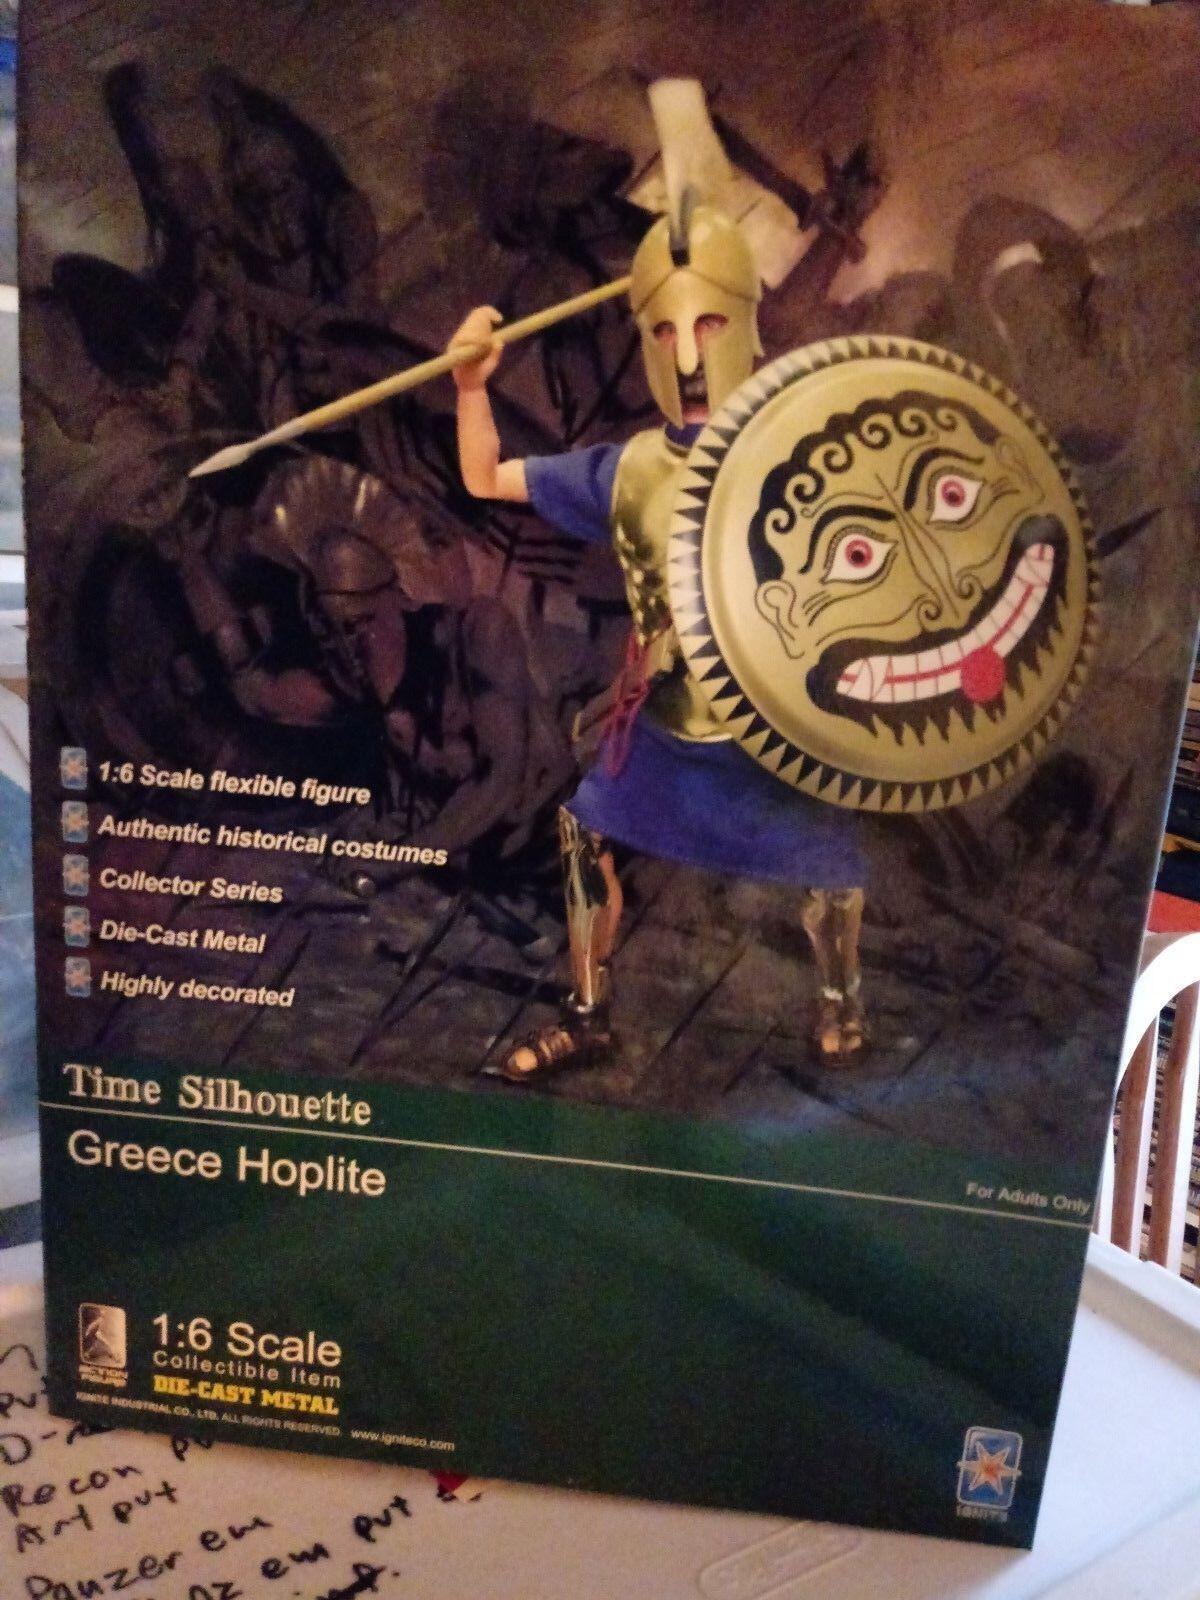 Greek Hoplite 1 1 6 scale Ignite